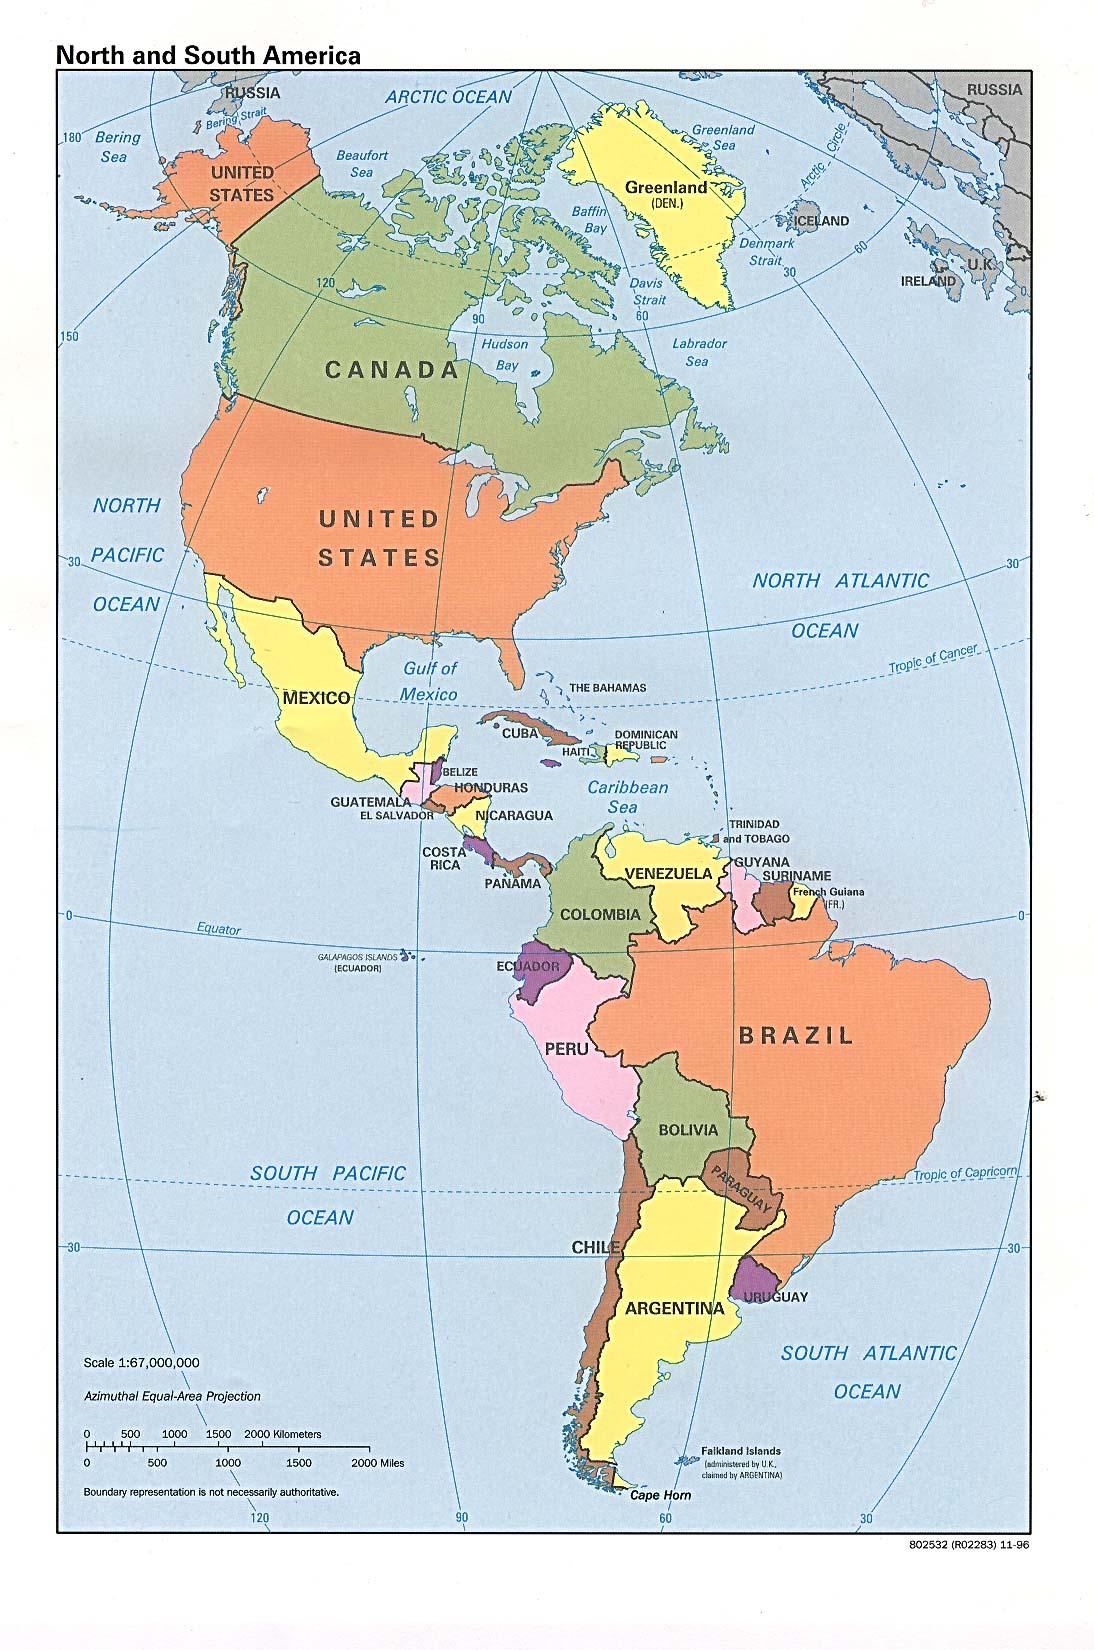 Physische Karte Lateinamerika.Landkarte Von Nord Und Sudamerika Politische Karte